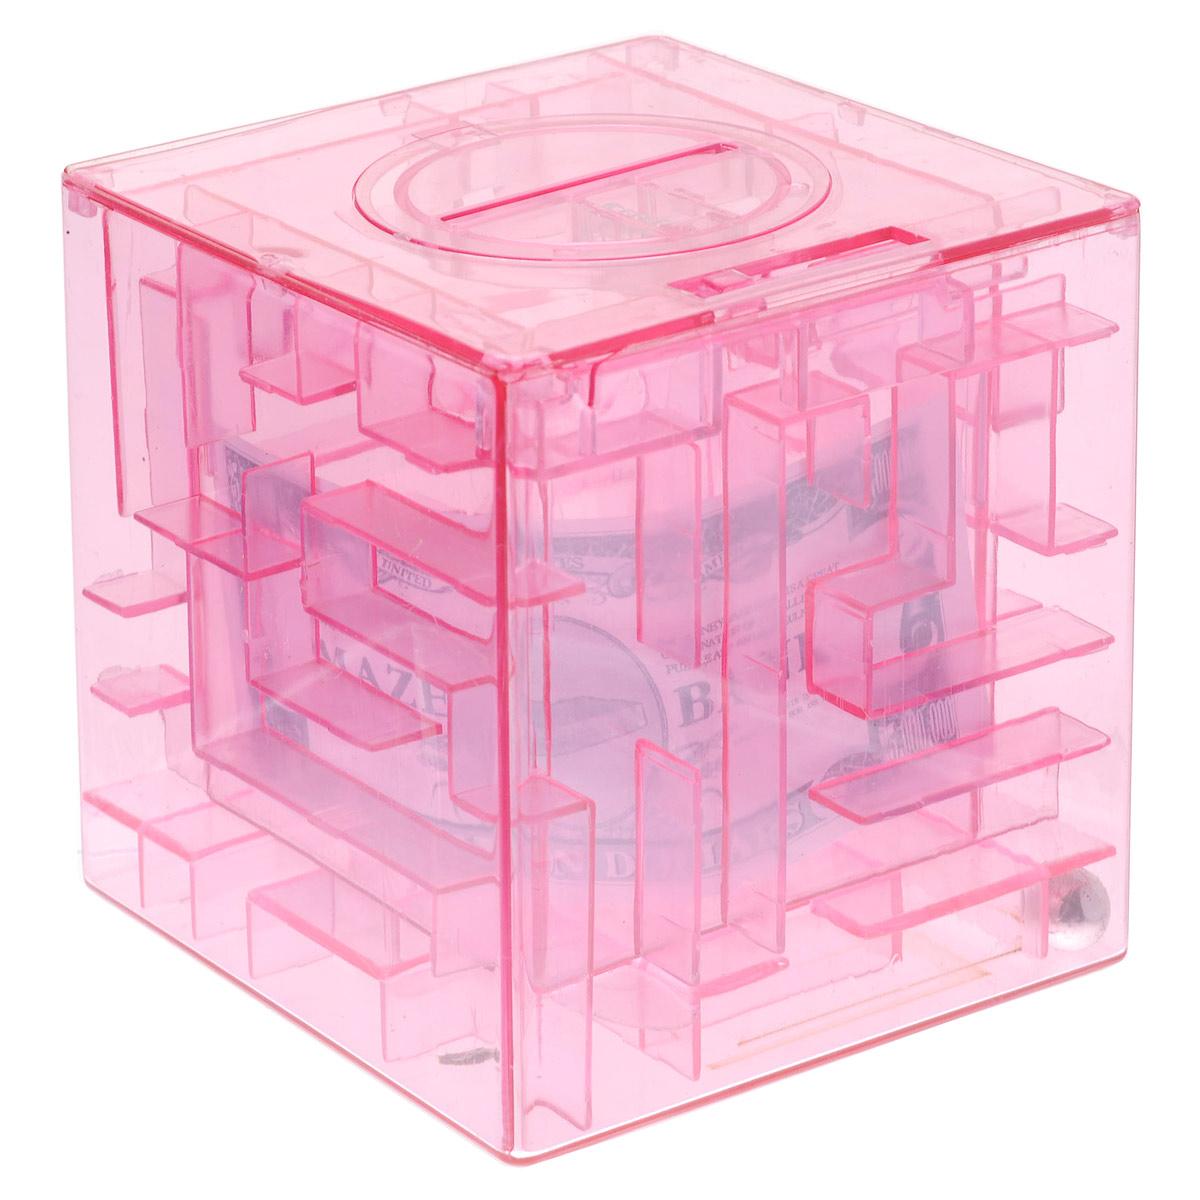 Копилка-головоломка Эврика Лабиринт, цвет: розовый92677Копилка Лабиринт - это самая настоящая головоломка. Она изготовлена из высококачественного пластика. Чтобы достать накопленные денежки, необходимо провести шарик по запутанному пути. Копилка Лабиринт - оригинальный способ преподнести подарок. Положите купюру в копилку, и смело вручайте имениннику. Вашему другу придется потрудиться, чтобы достать подаренную купюру. Копилка имеет отверстие, чтобы класть в нее деньги. Размер копилки: 9 см х 9 см х 9 см.